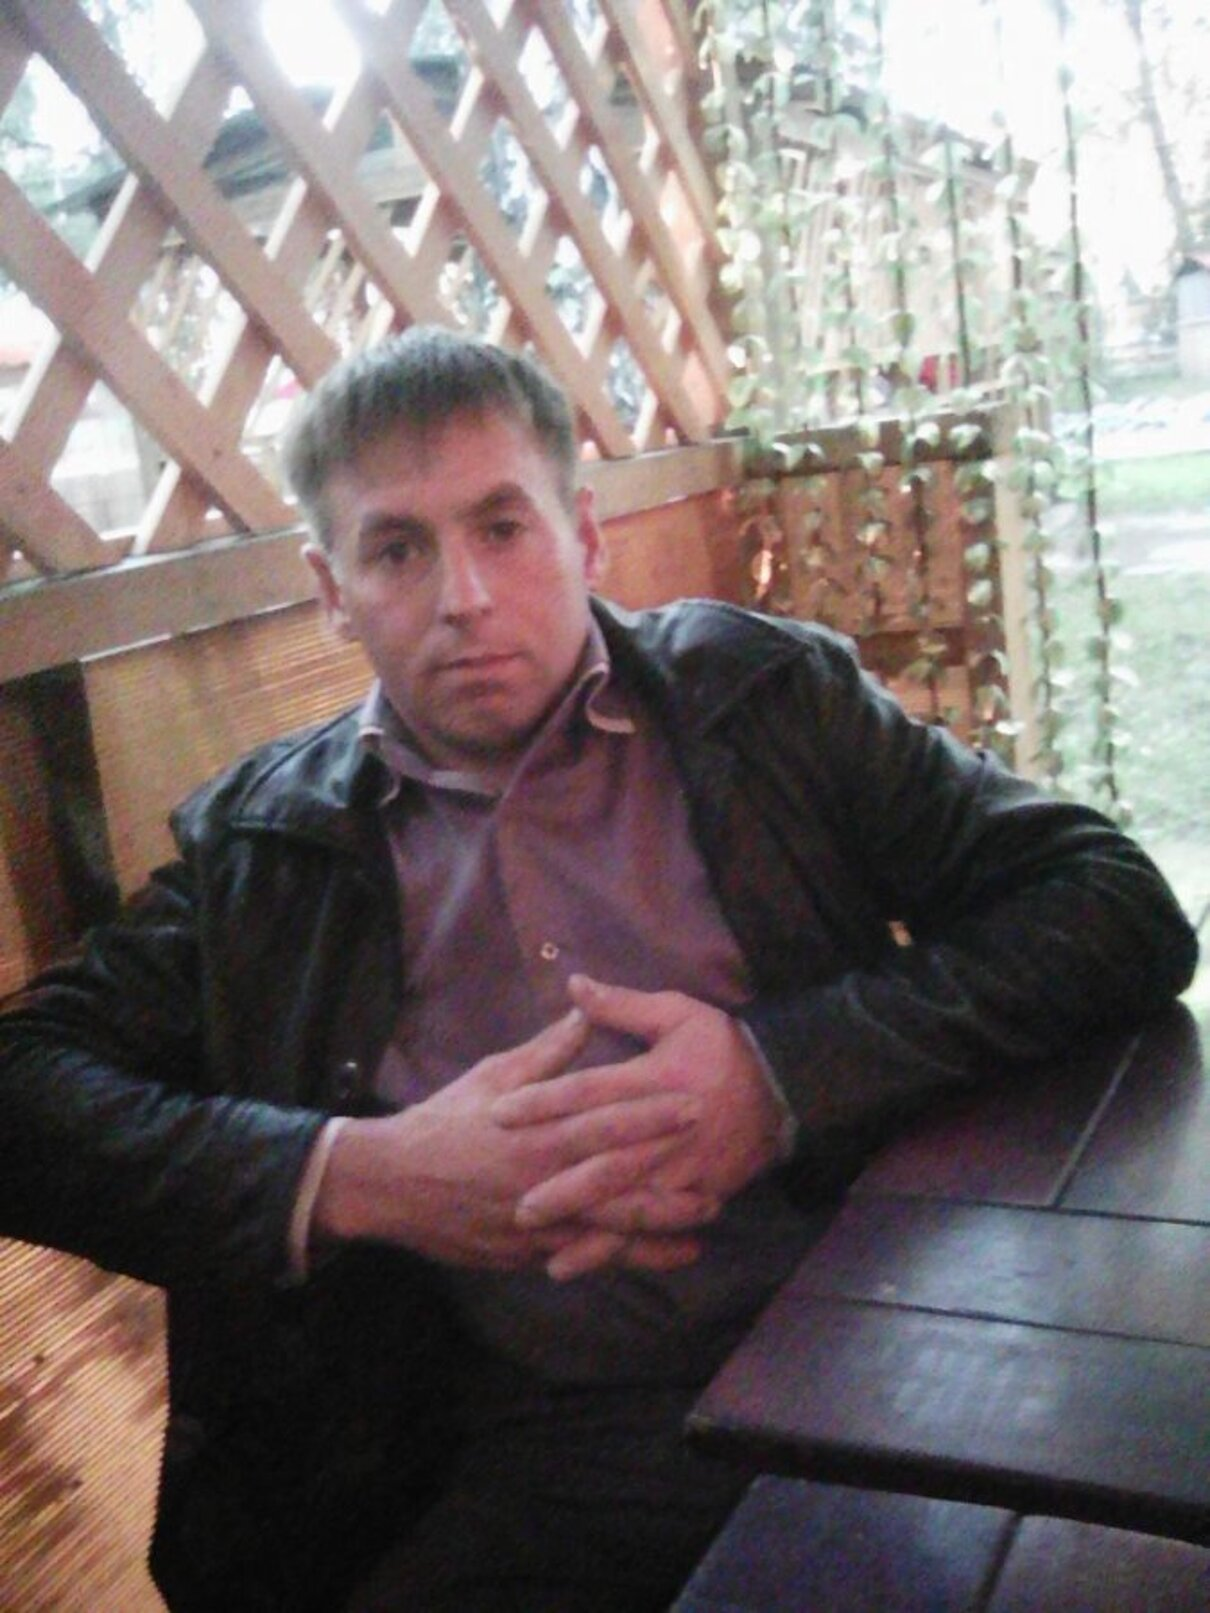 Жалоба-отзыв: Орлов Максим Викторович - Злостный неплательщик